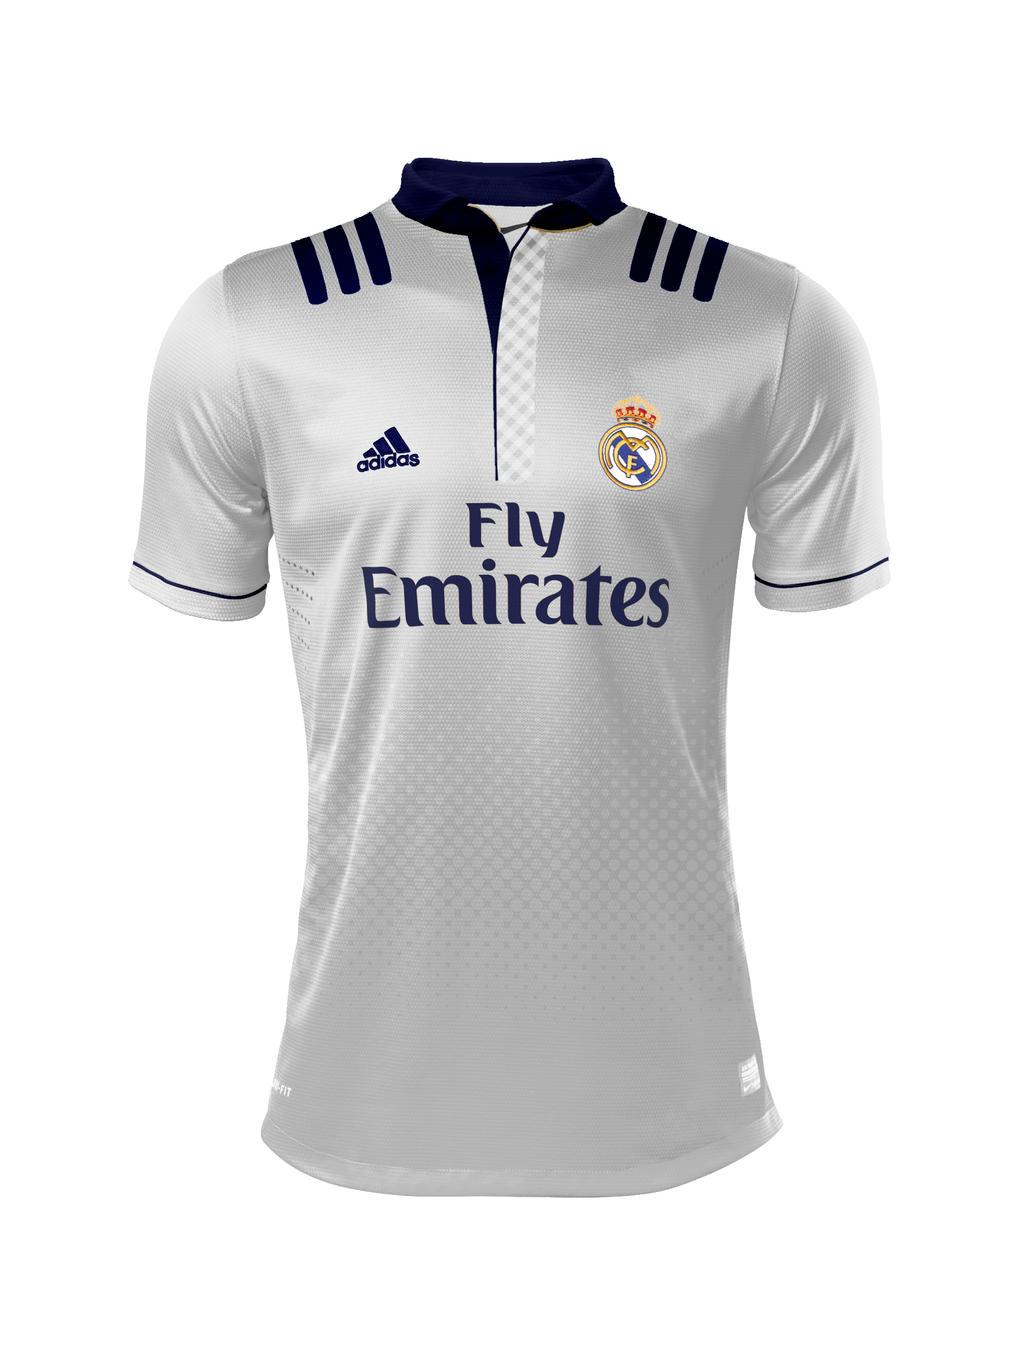 Shirt design kit -  Real Madrid White Kit Design By Showbodygame